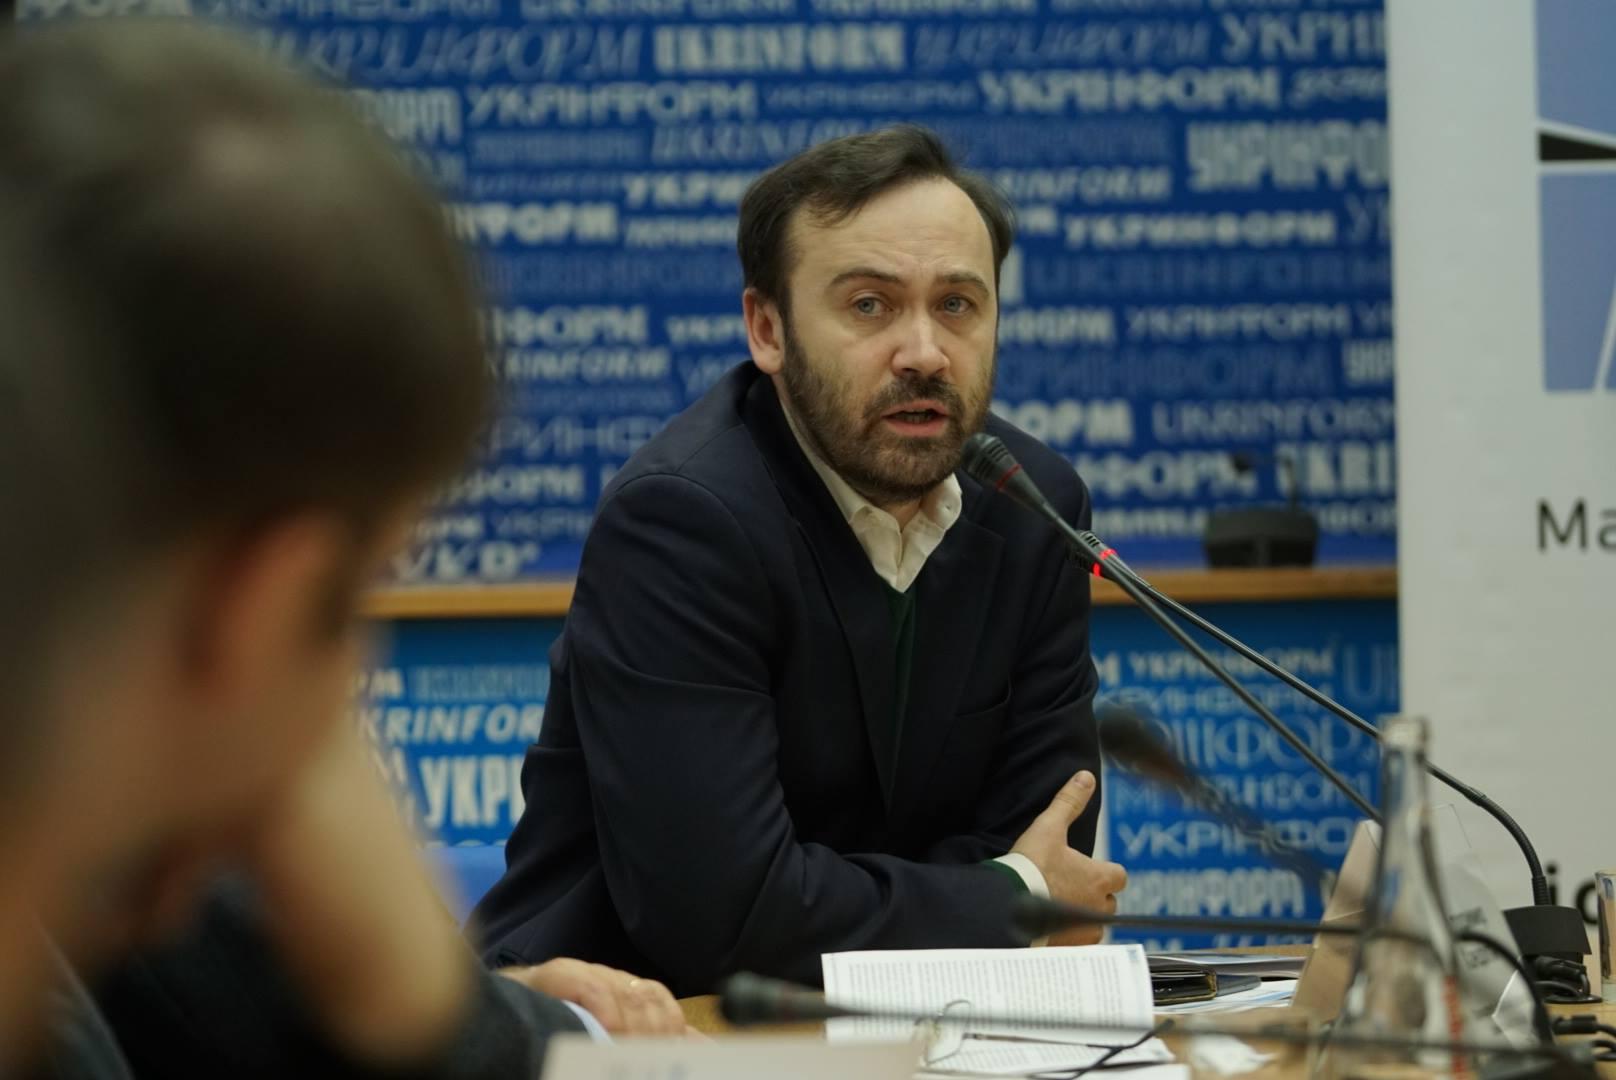 Экс-депутат Госдумы РФ Илья Пономарев / Источник: Facebook